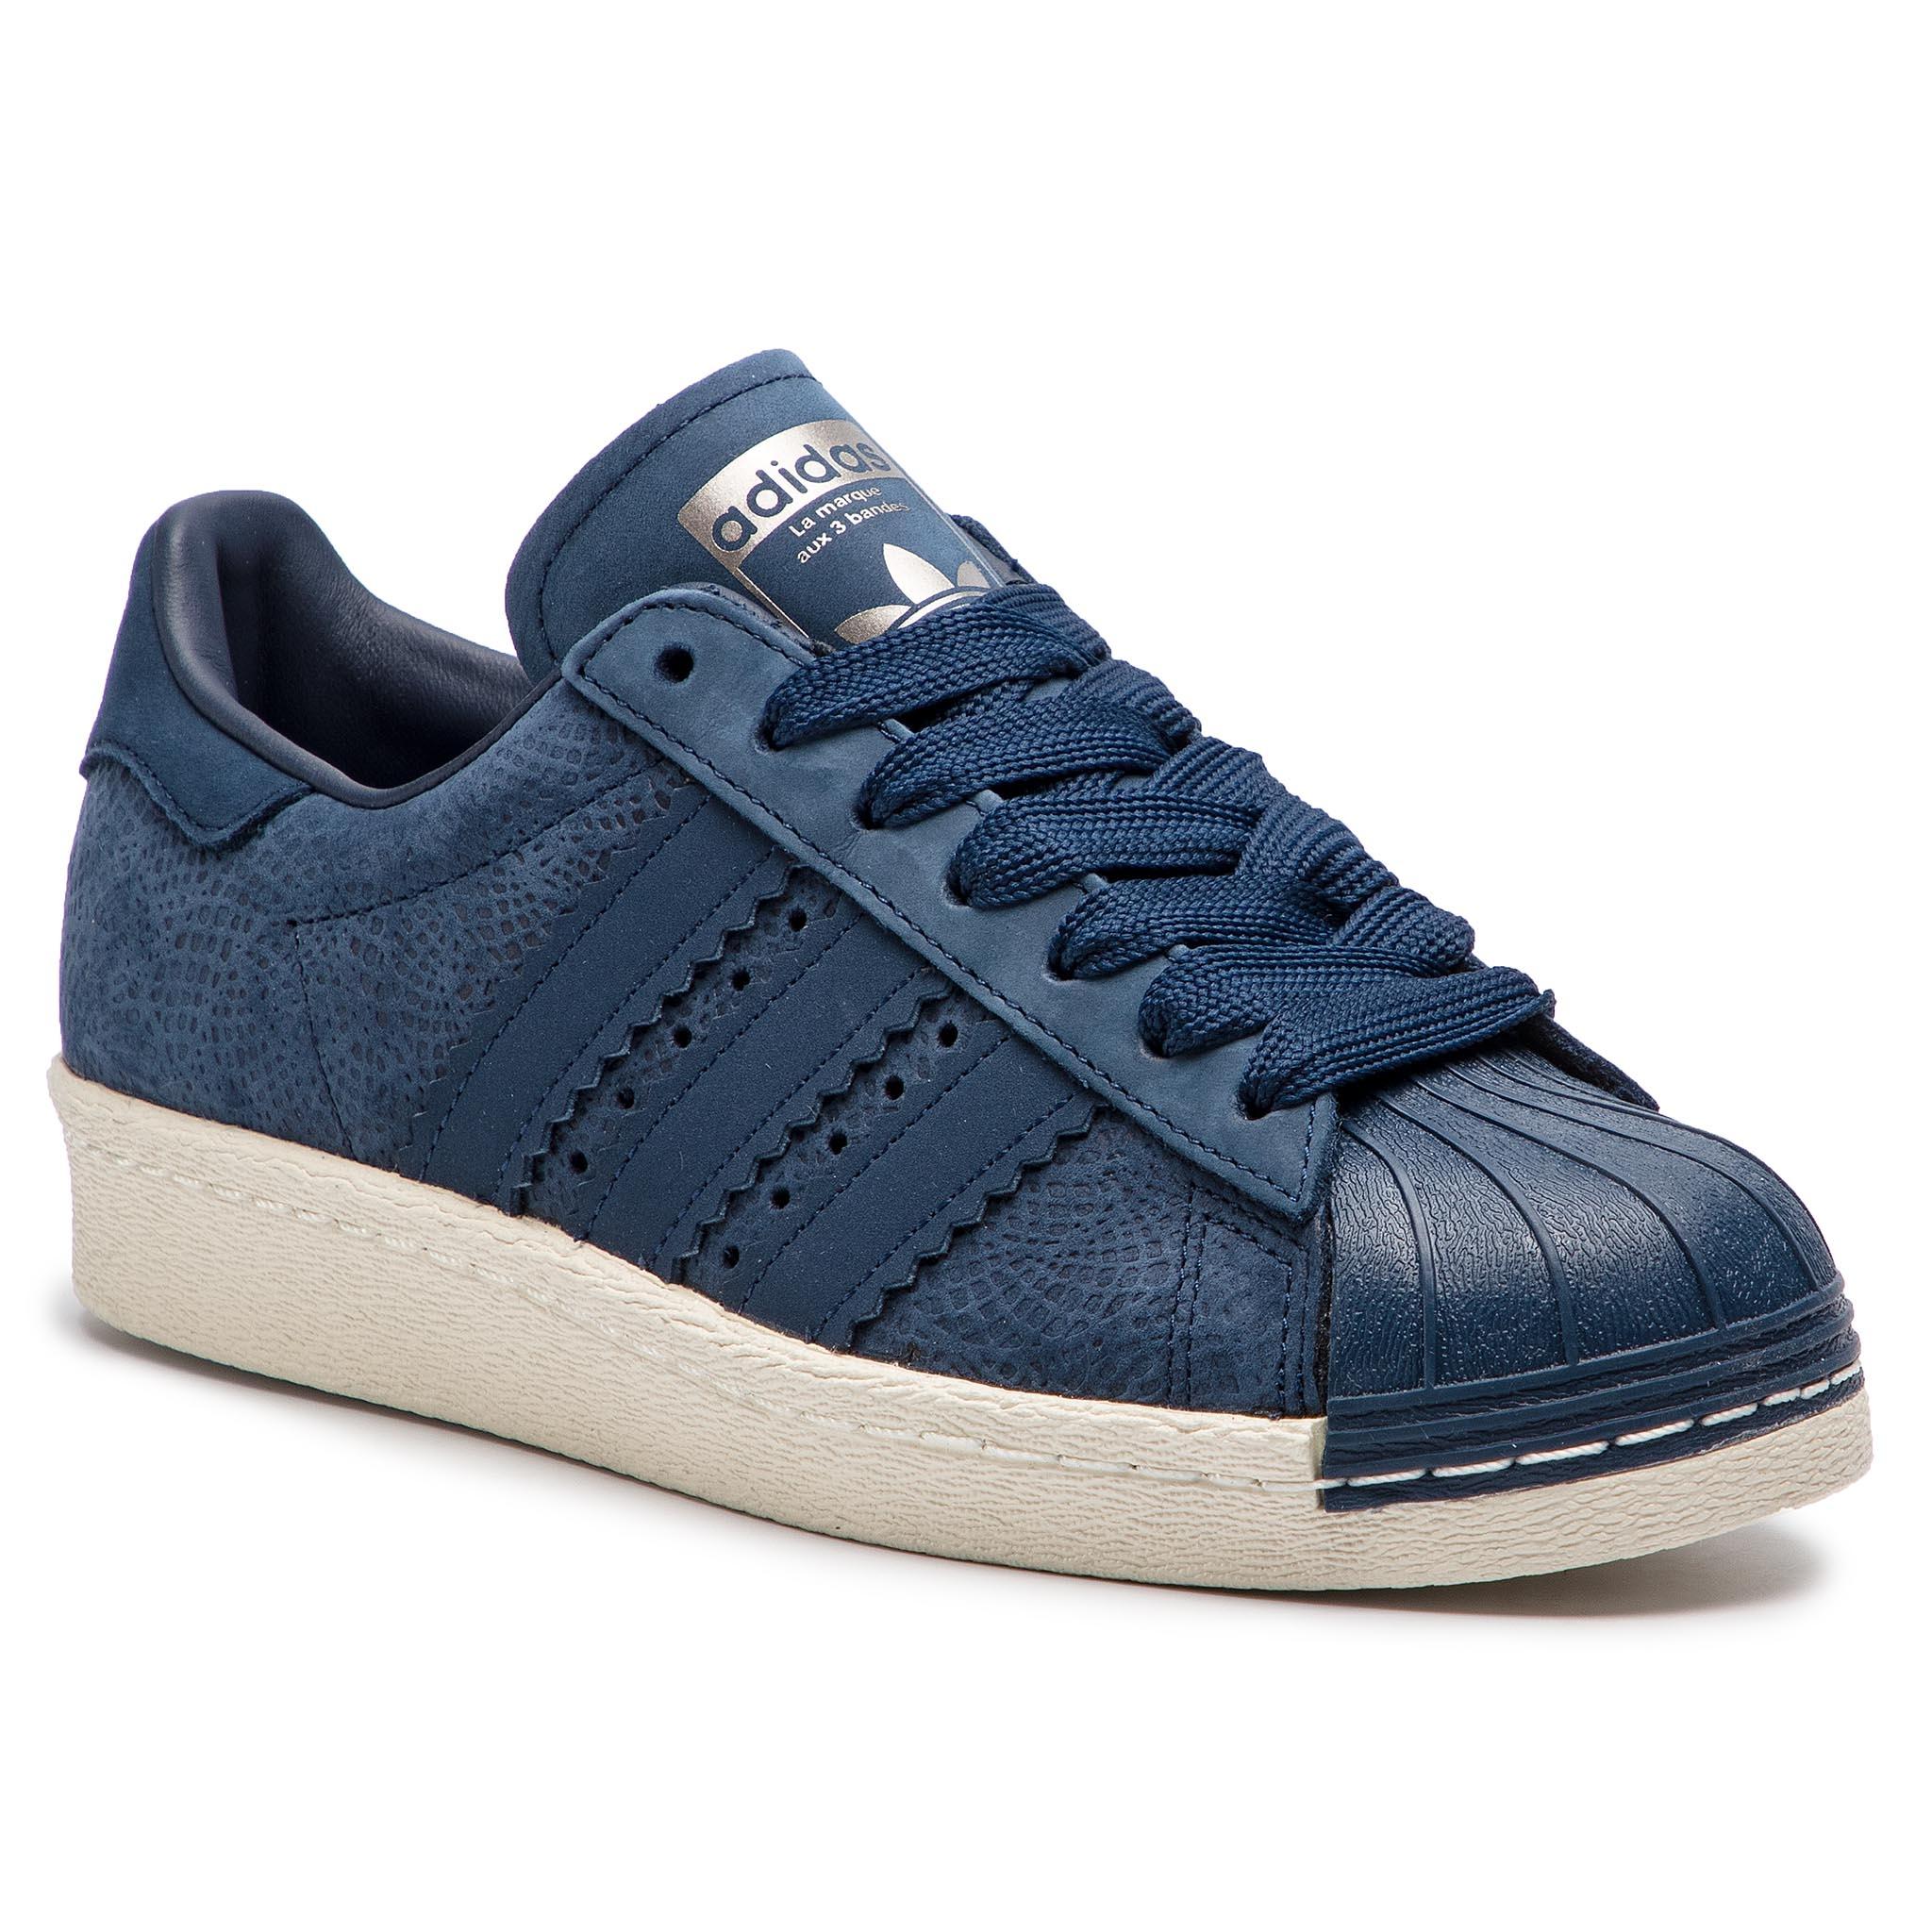 e78e1e5dde8d1 Shoes adidas - Superstar Foundation J B25724 Cblack - Sneakers - Low ...